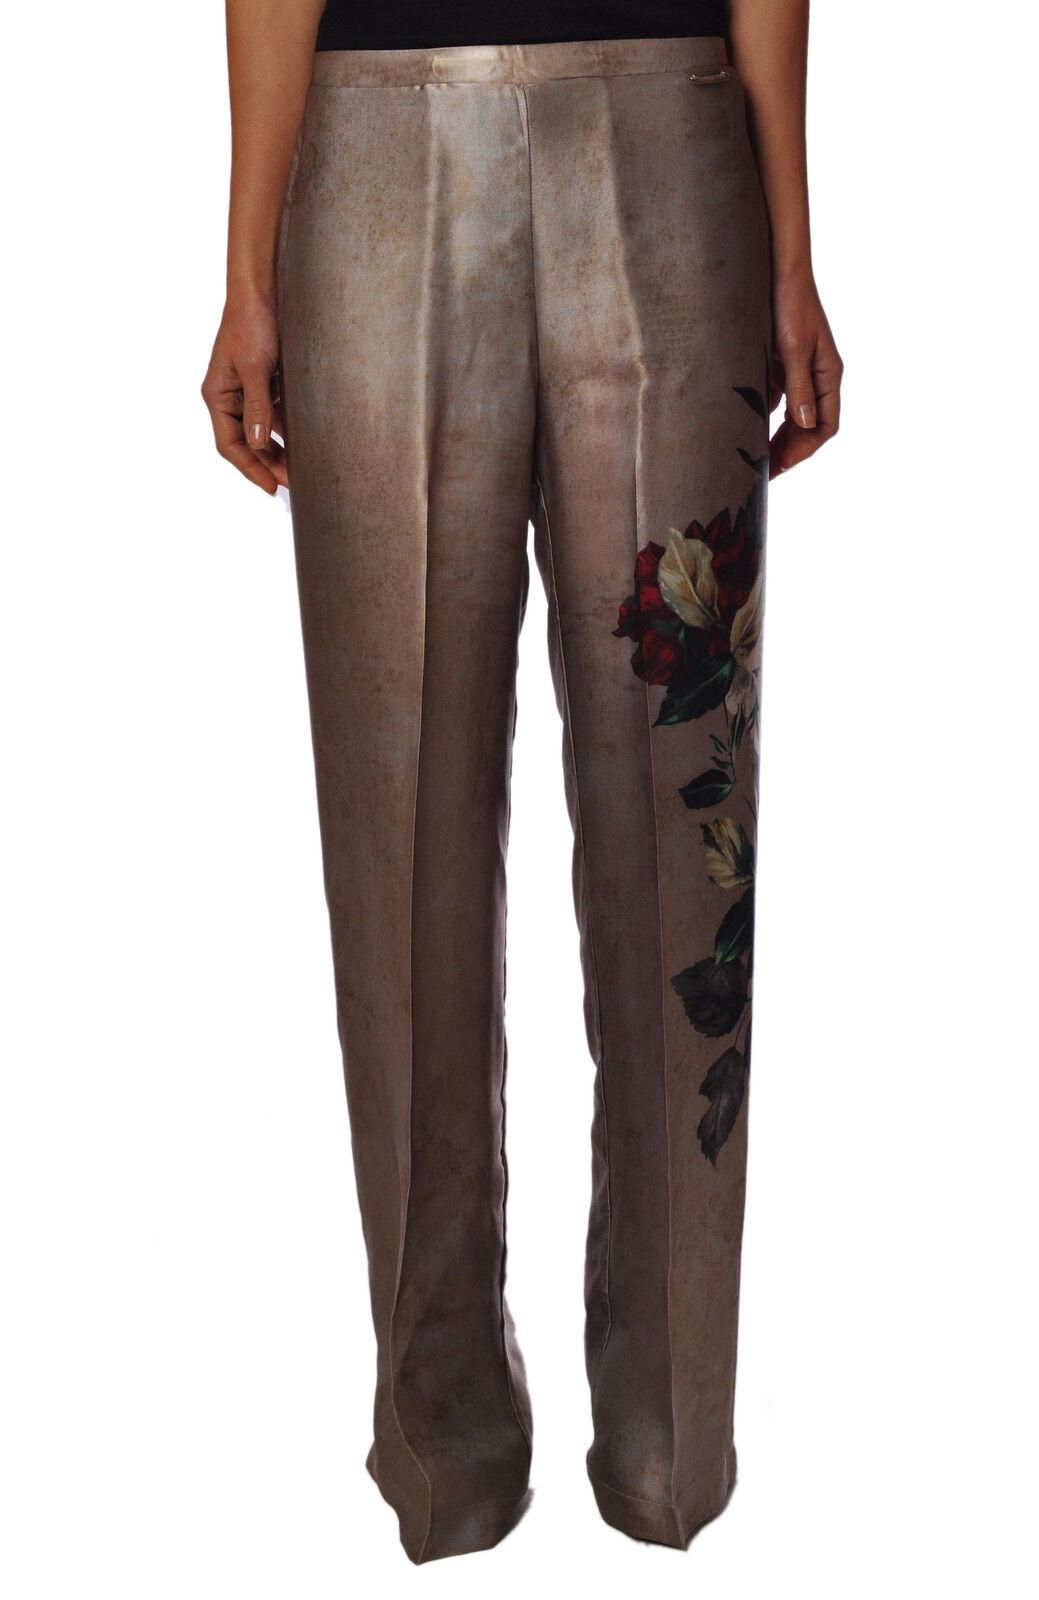 Twin Set  -  Pantalones - women - Beige - 249526A184703